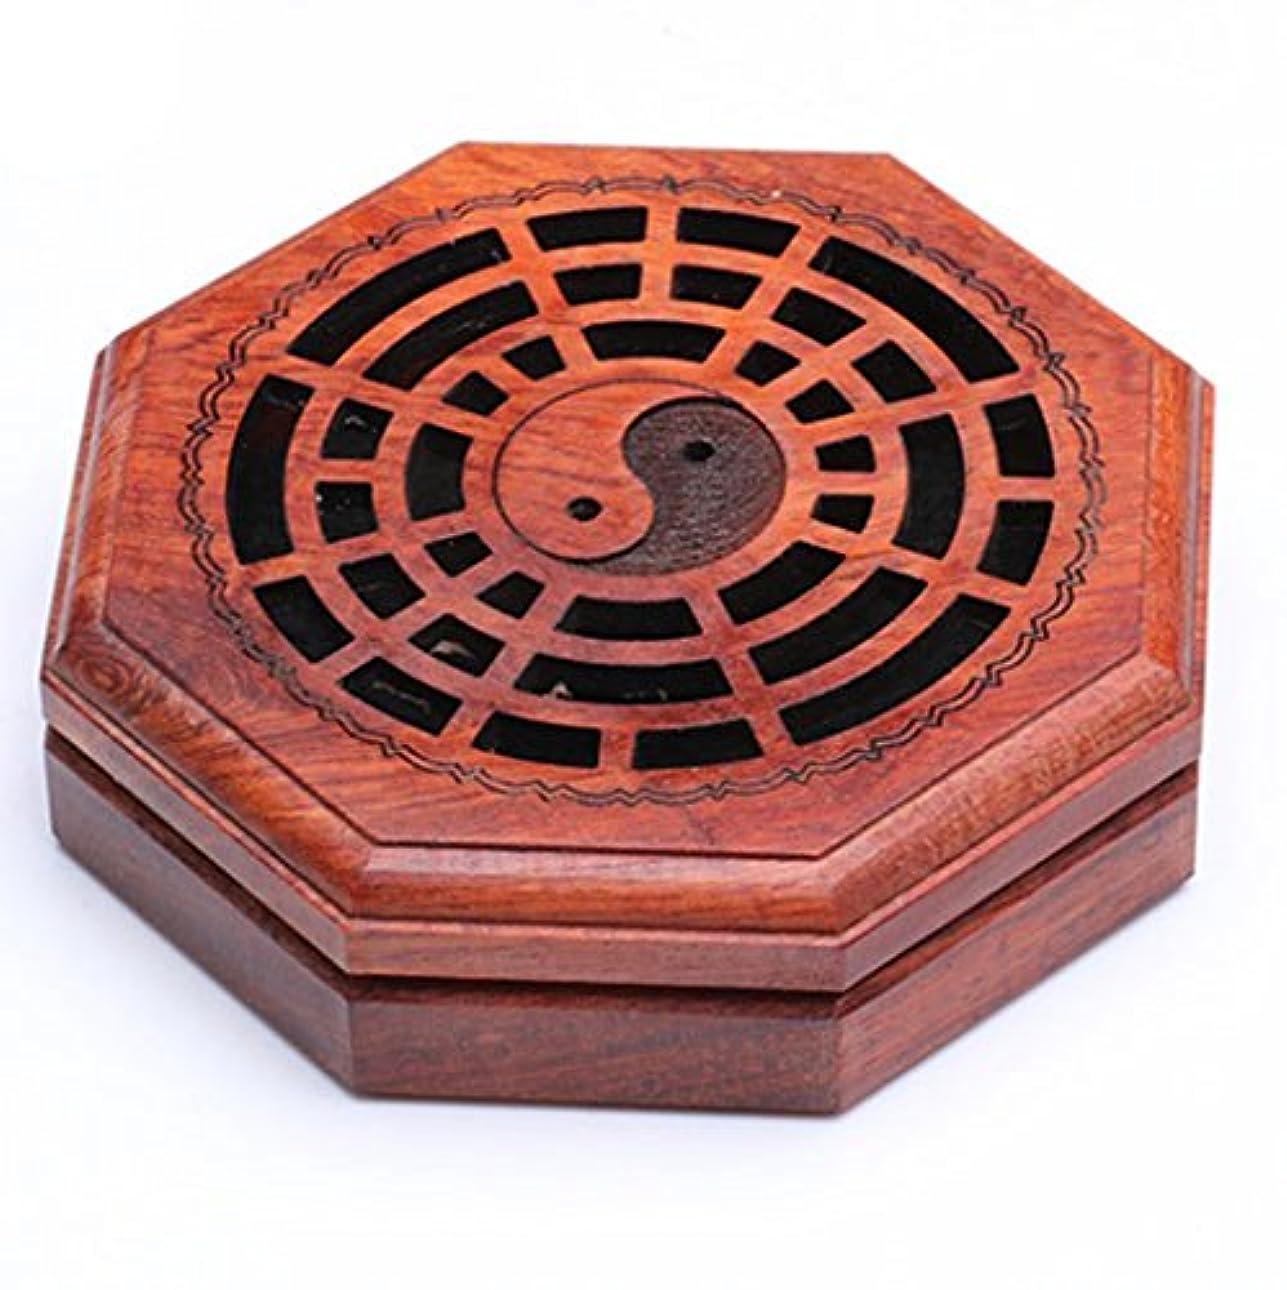 インデックス遊び場陪審(ラシューバー) Lasuiveur 香炉 線香立て 香立て 職人さんの手作り 茶道用品 おしゃれ  木製 透かし彫り